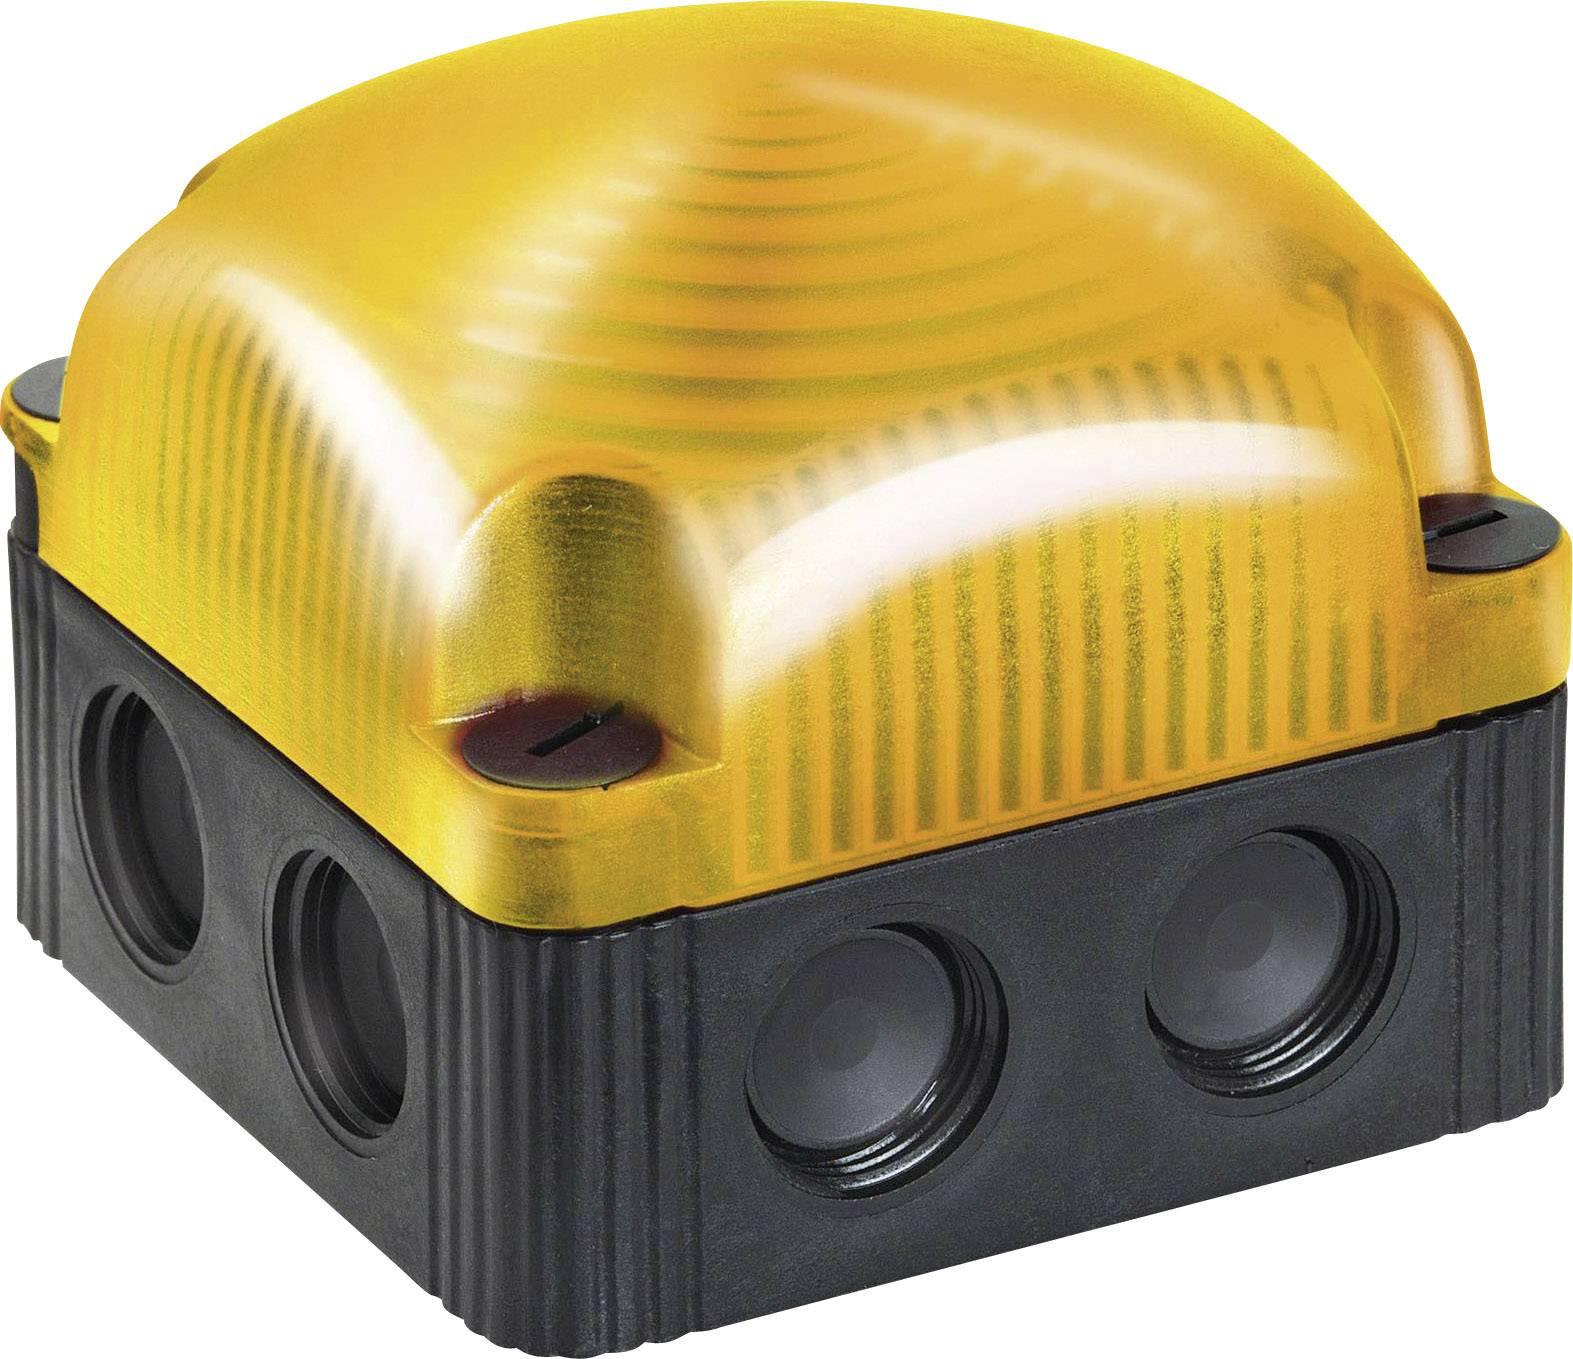 Signalizačné osvetlenie LED Werma Signaltechnik 853.300.60, 230 V/AC, žltá